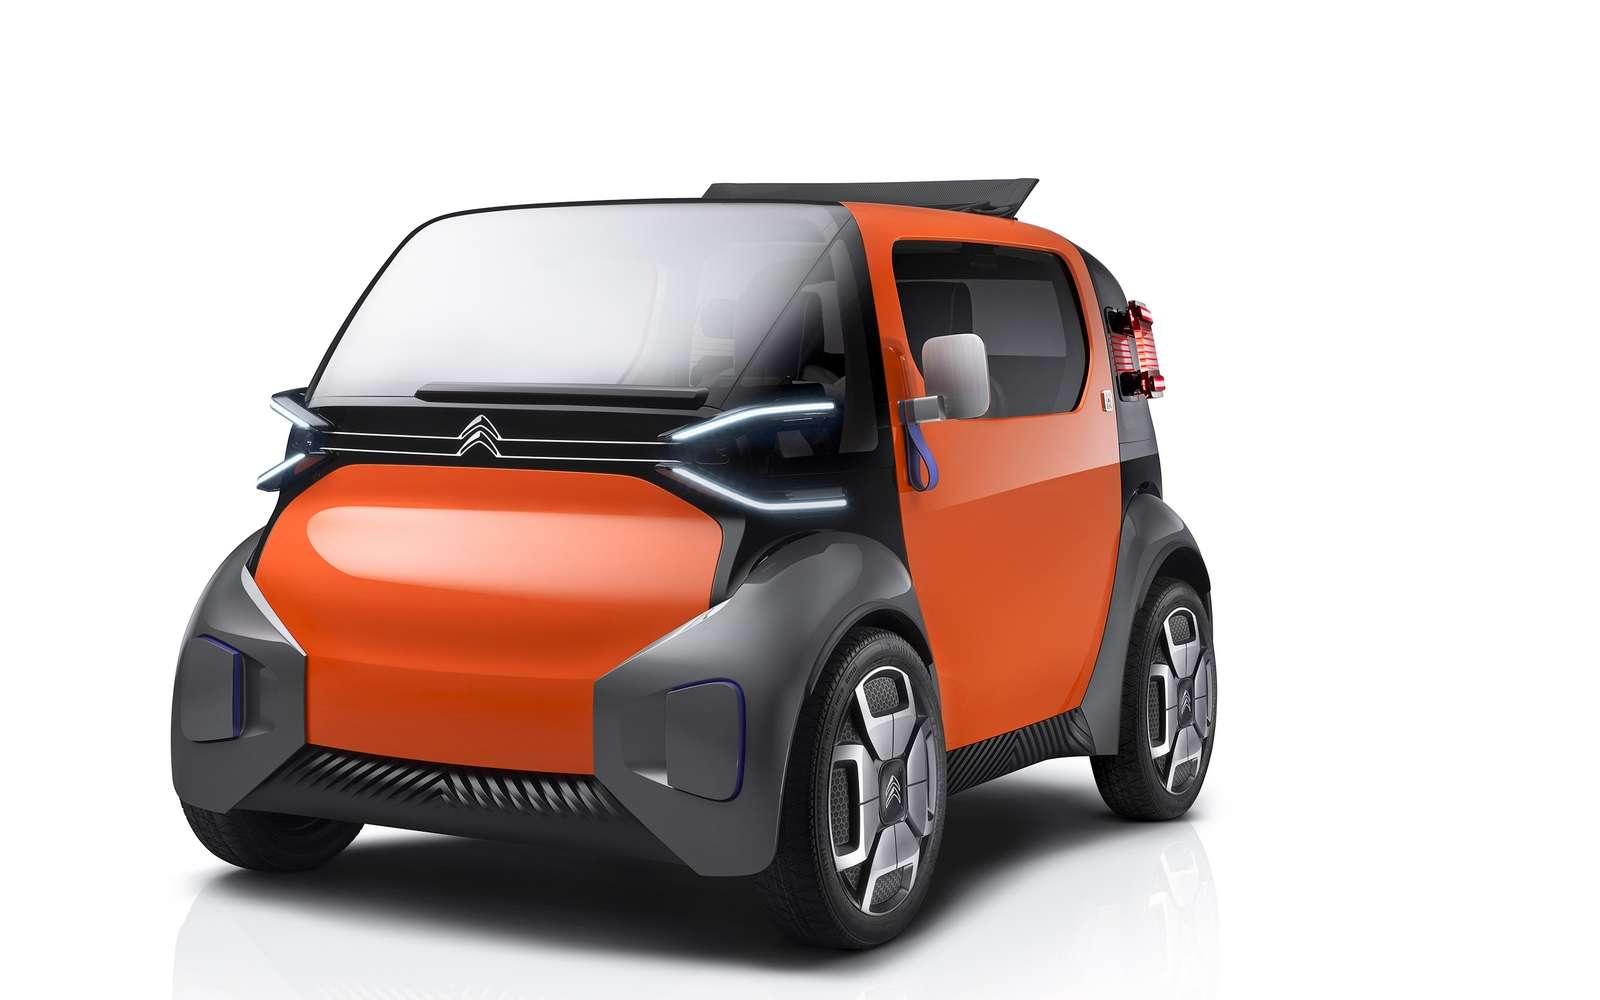 L'Ami One Concept de Citroën se réclame de la 2 CV. © Citroën